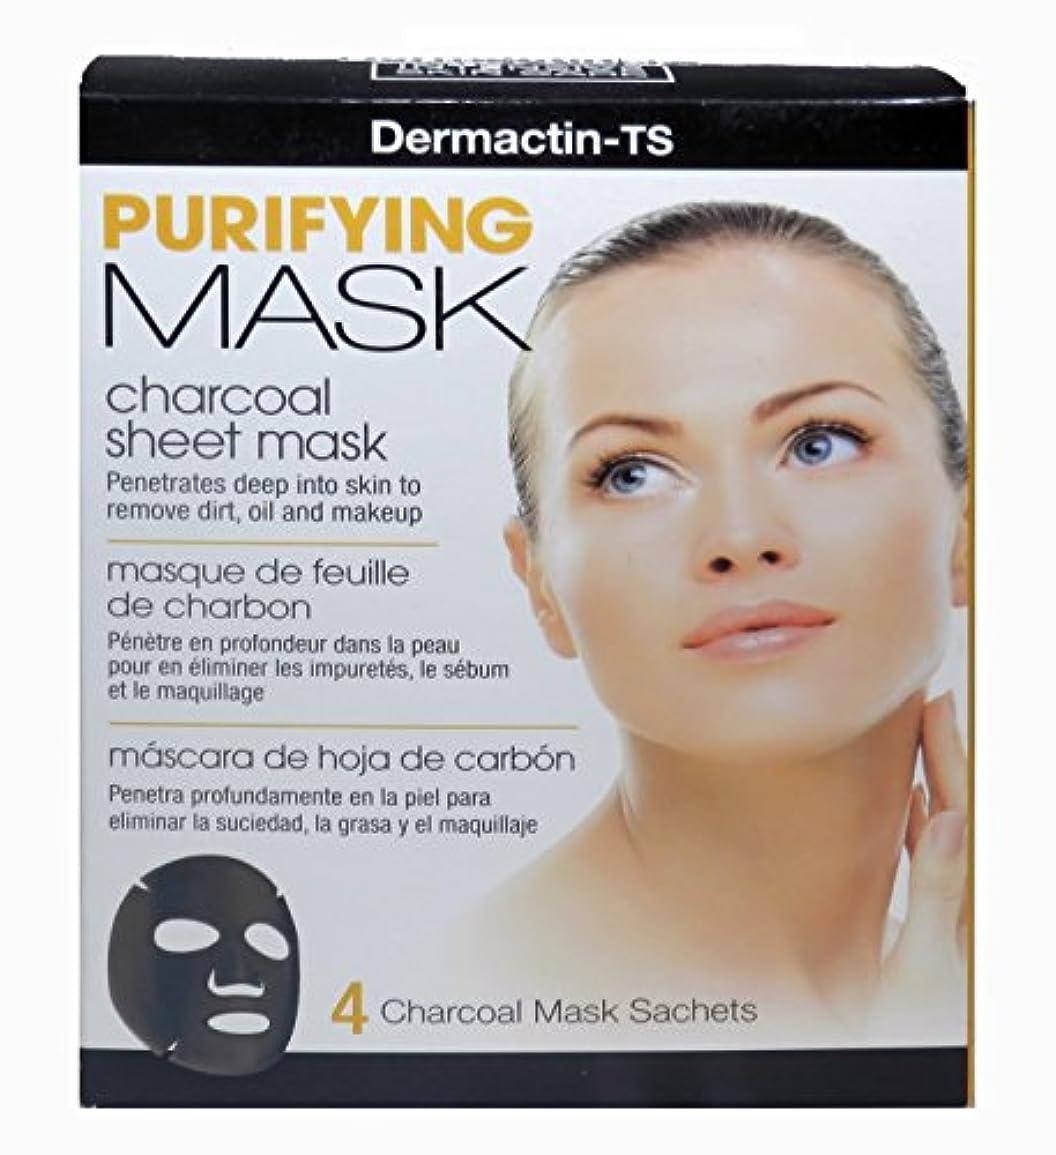 不良品伝染病値するDermactin-TS カーボール4カウント付浄化マスク(4パック) (並行輸入品)